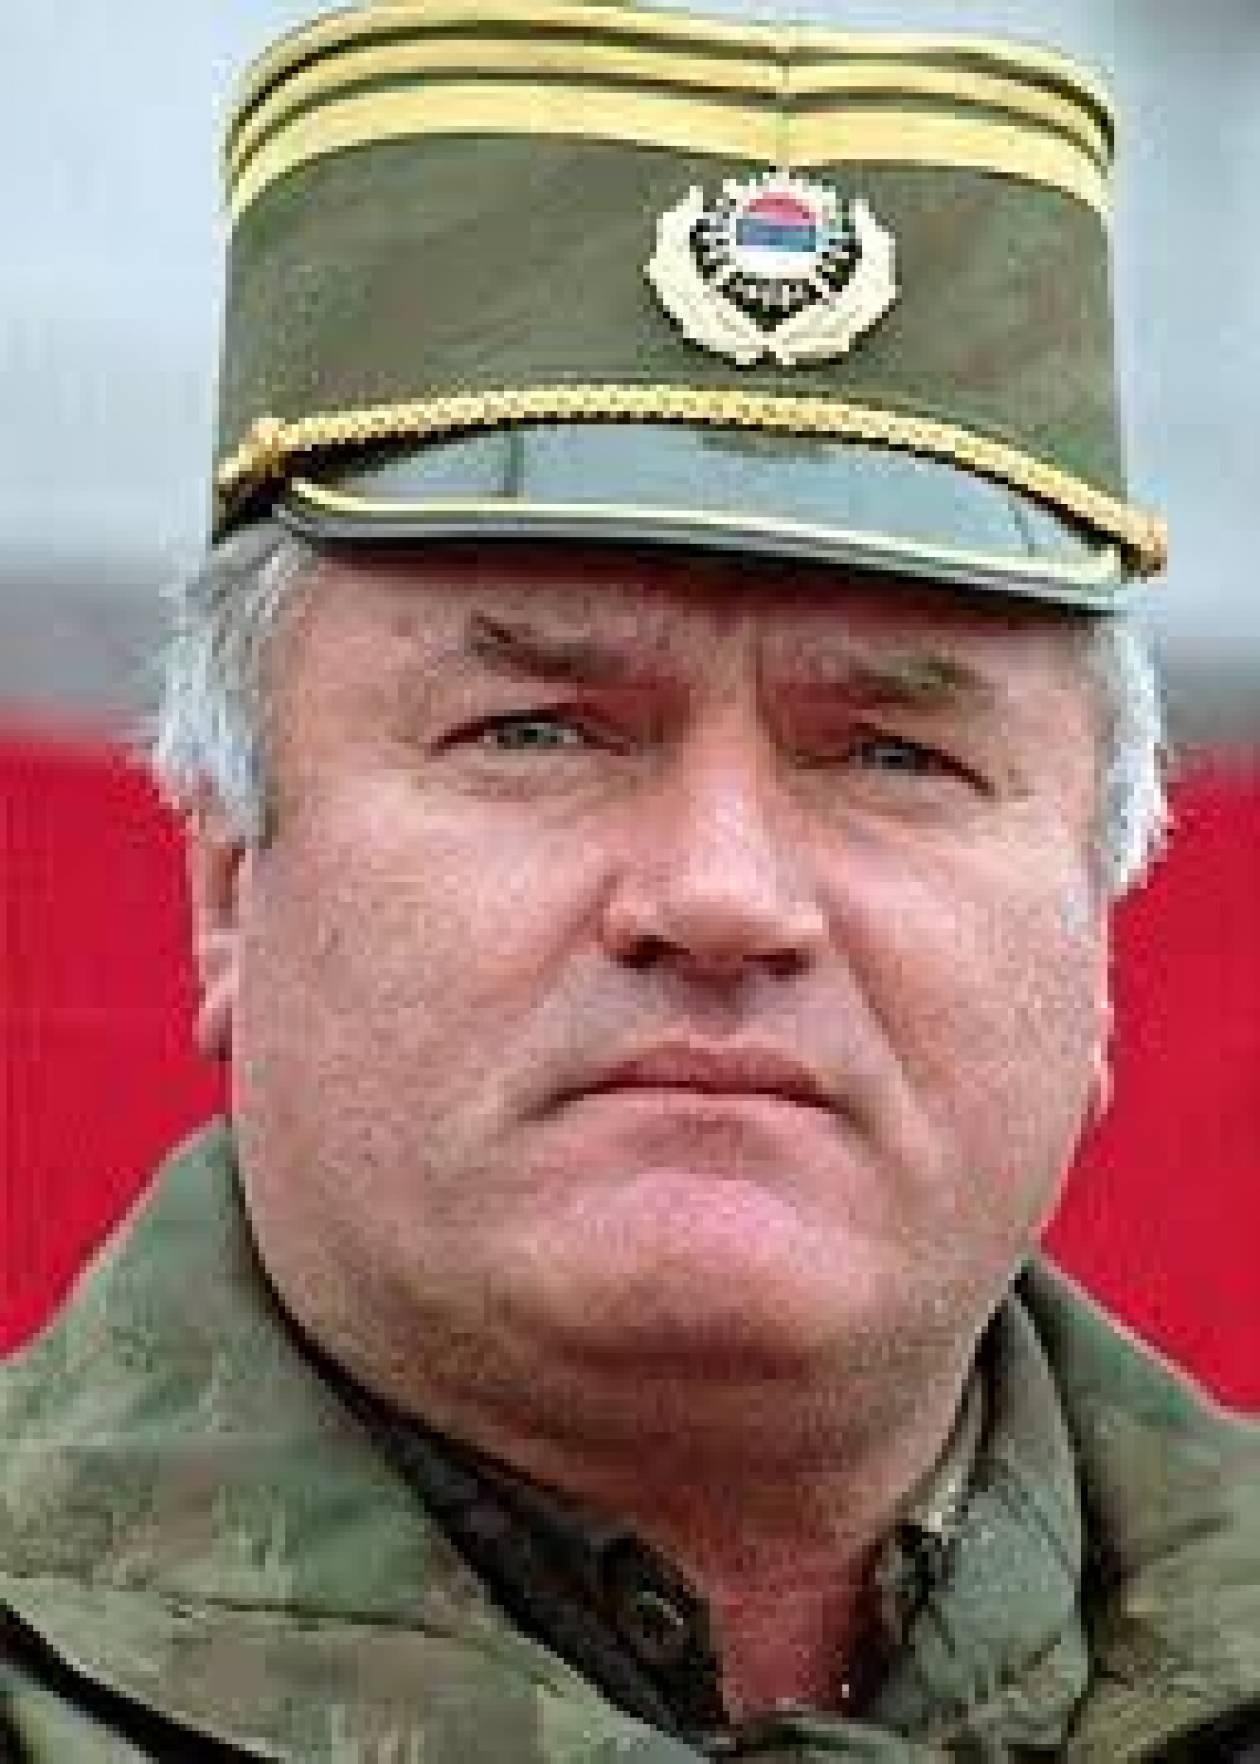 Τον συνέλαβαν γιατί έμοιαζε στον Ράτκο Μλάντιτς